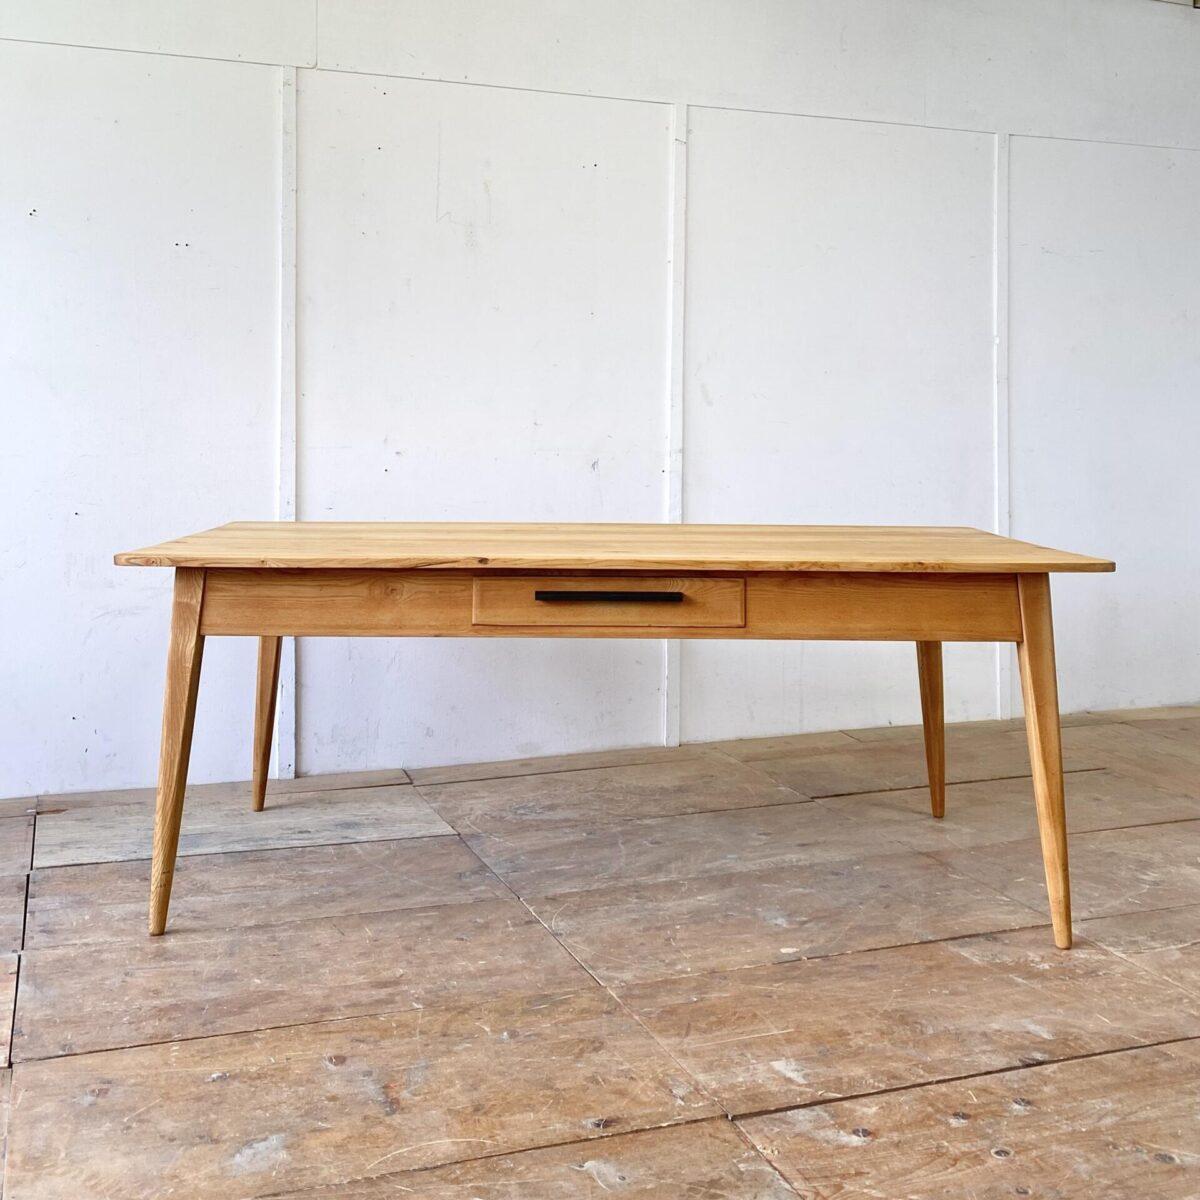 Deuxieme.shop swissdesign Tisch wohnbedarf. Schlichter Esstisch aus Esche Vollholz mit zwei Schubladen. 200x99cm Höhe 75cm. Dieser simple geradlinige Holztisch ist Qualitativ hochwertig verarbeitet, wohl eine Schreiner Anfertigung aus den 50er 60er Jahren. Die Tischbeine sind nach aussen abgewinkelt, und werden gegen fussende rund. Die Holzoberfläche ,mit leichter Alterspatina, ist frisch aufbereitet und mit Naturöl behandelt.